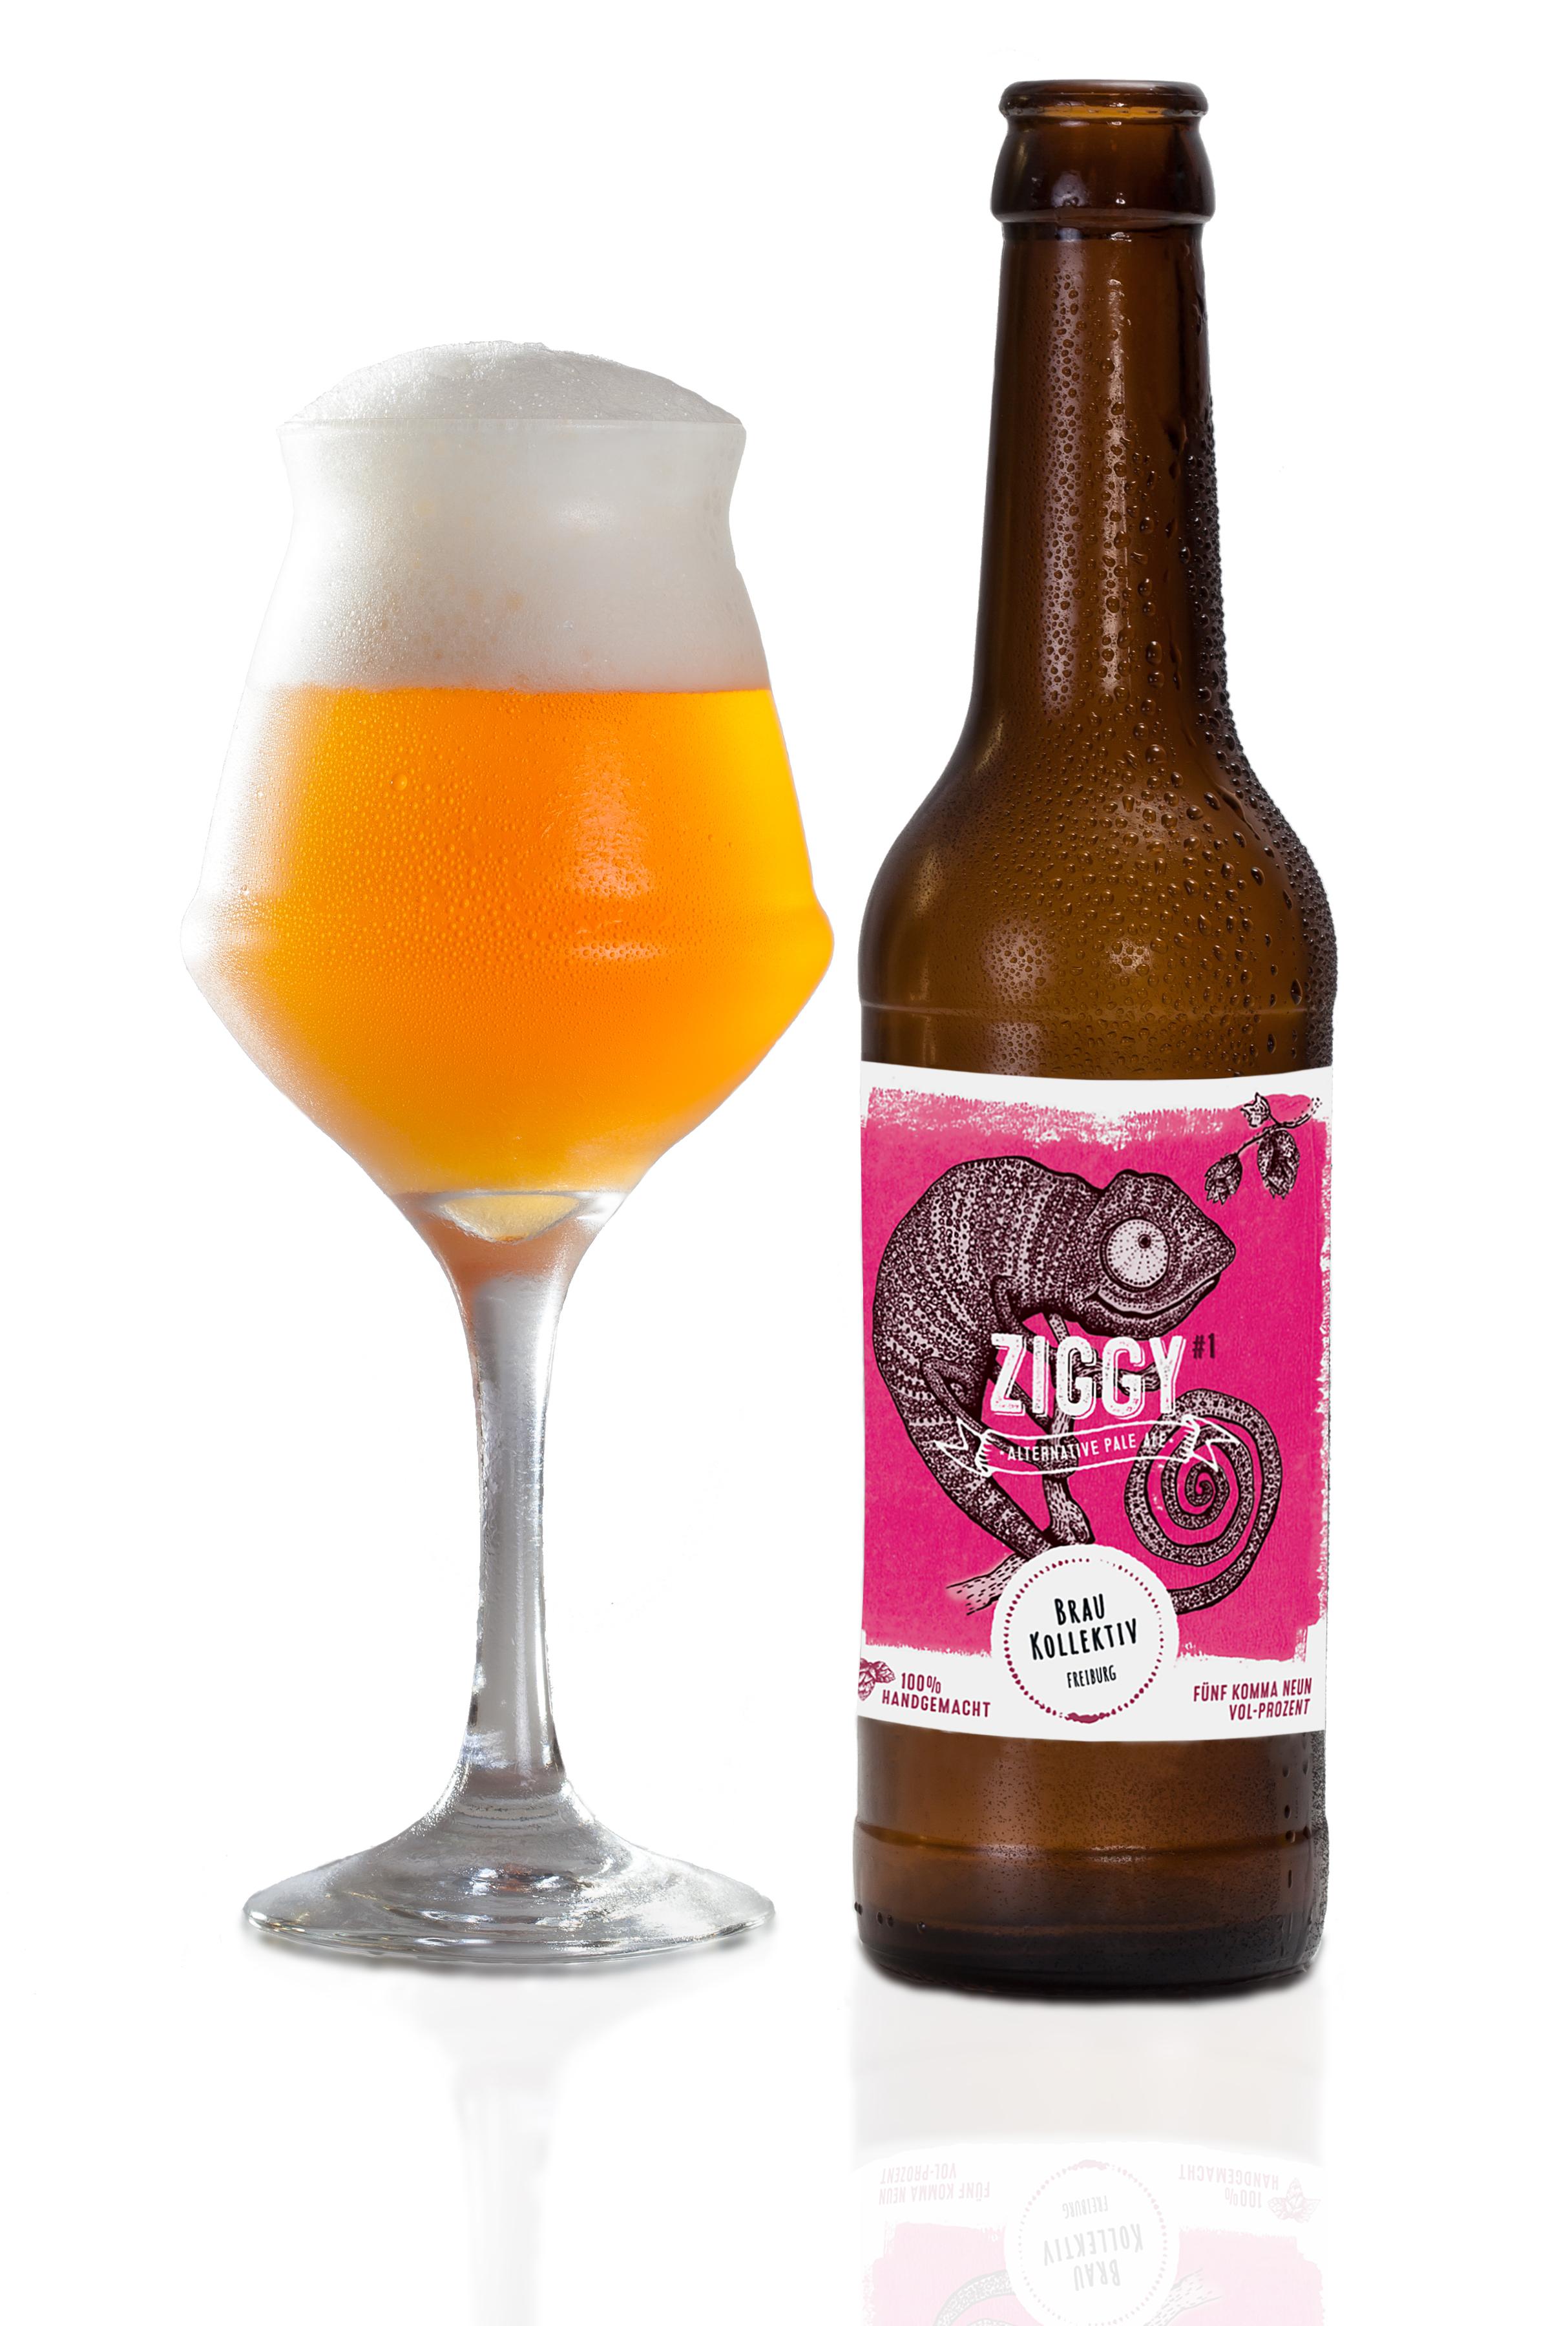 Ziggy_W_Glass_2.jpg